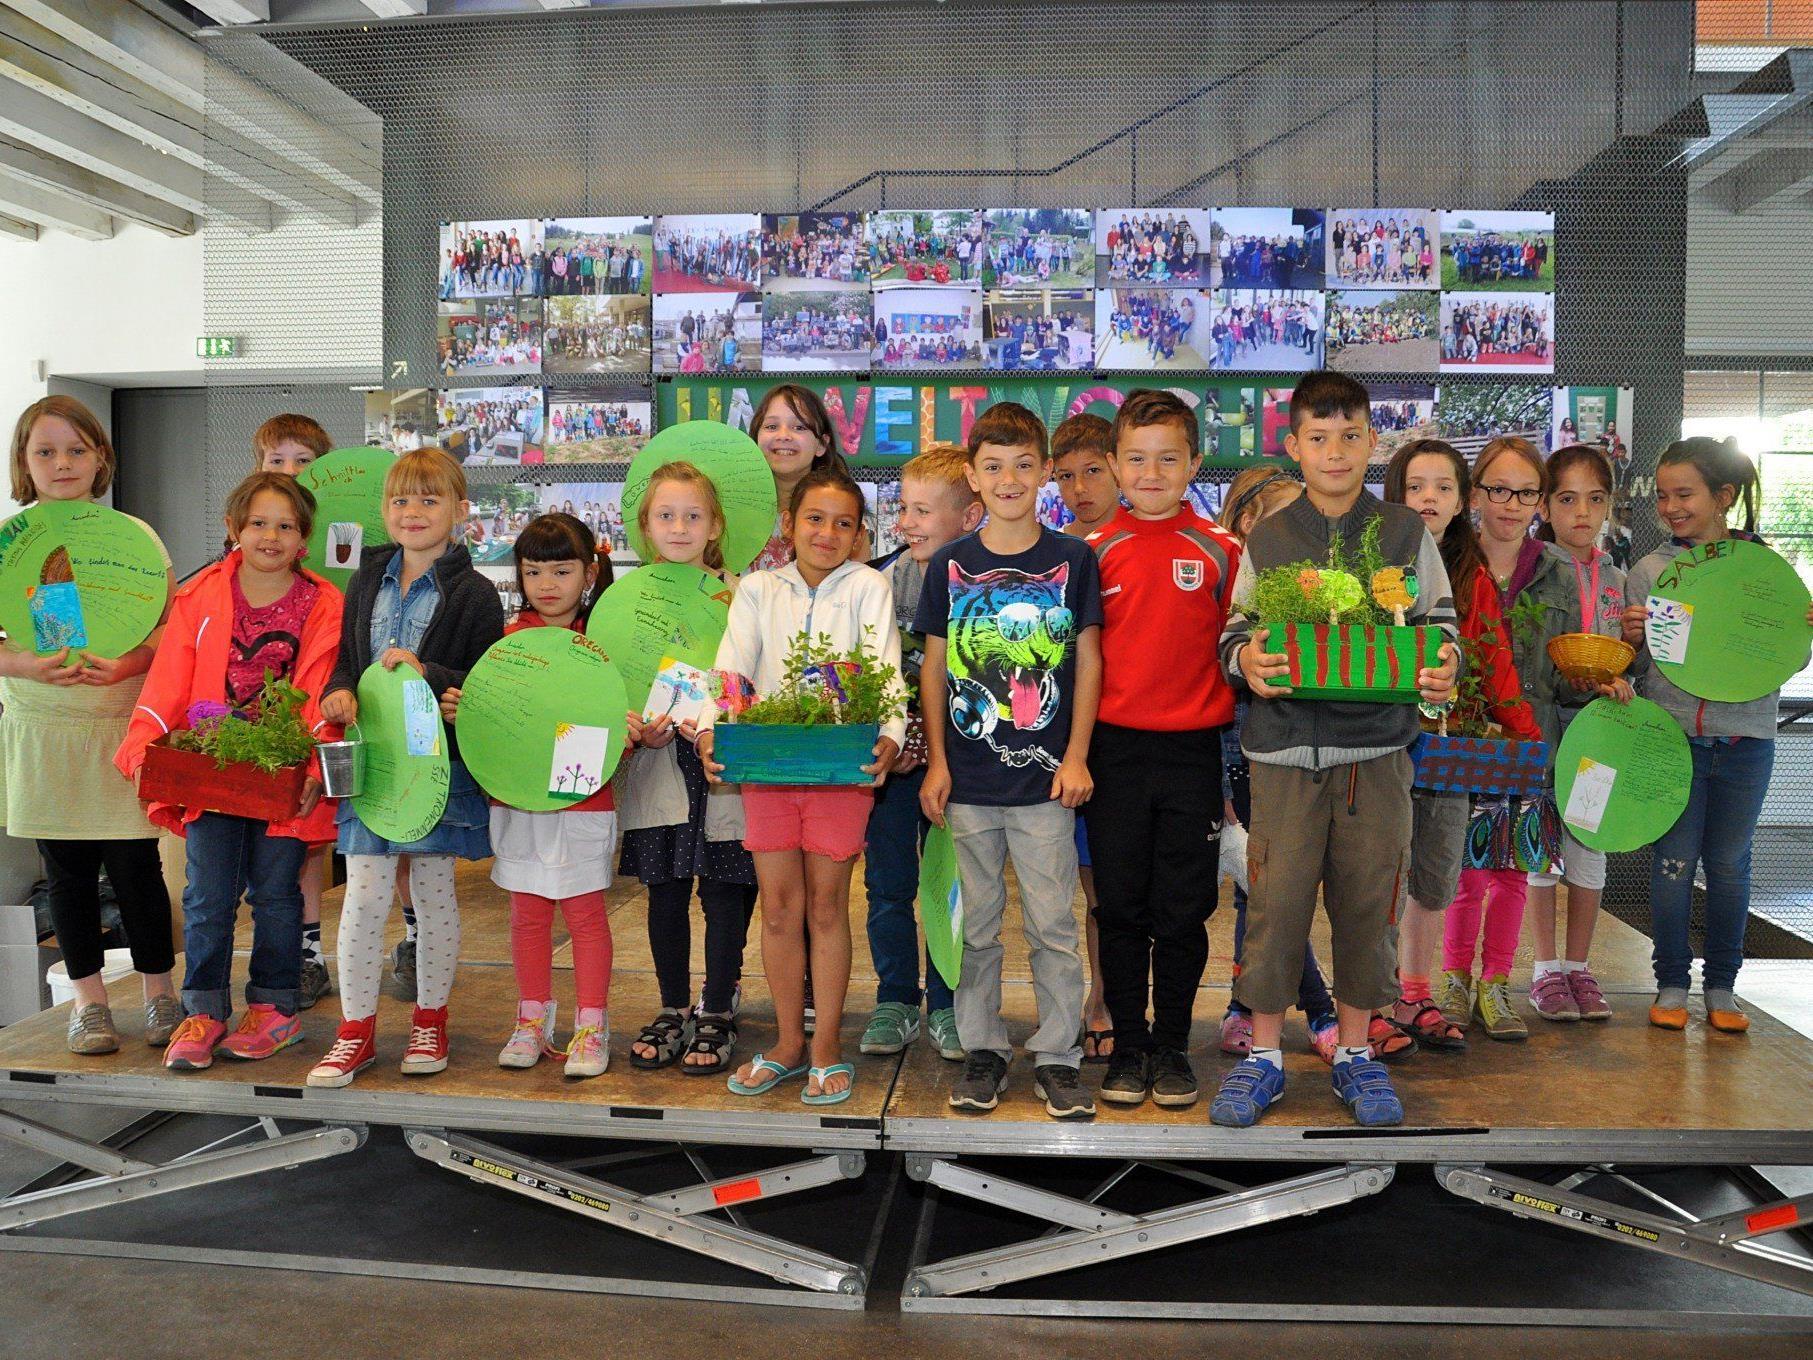 35 Schulklassen präsentierten ihre Umweltprojekte in der inatura.